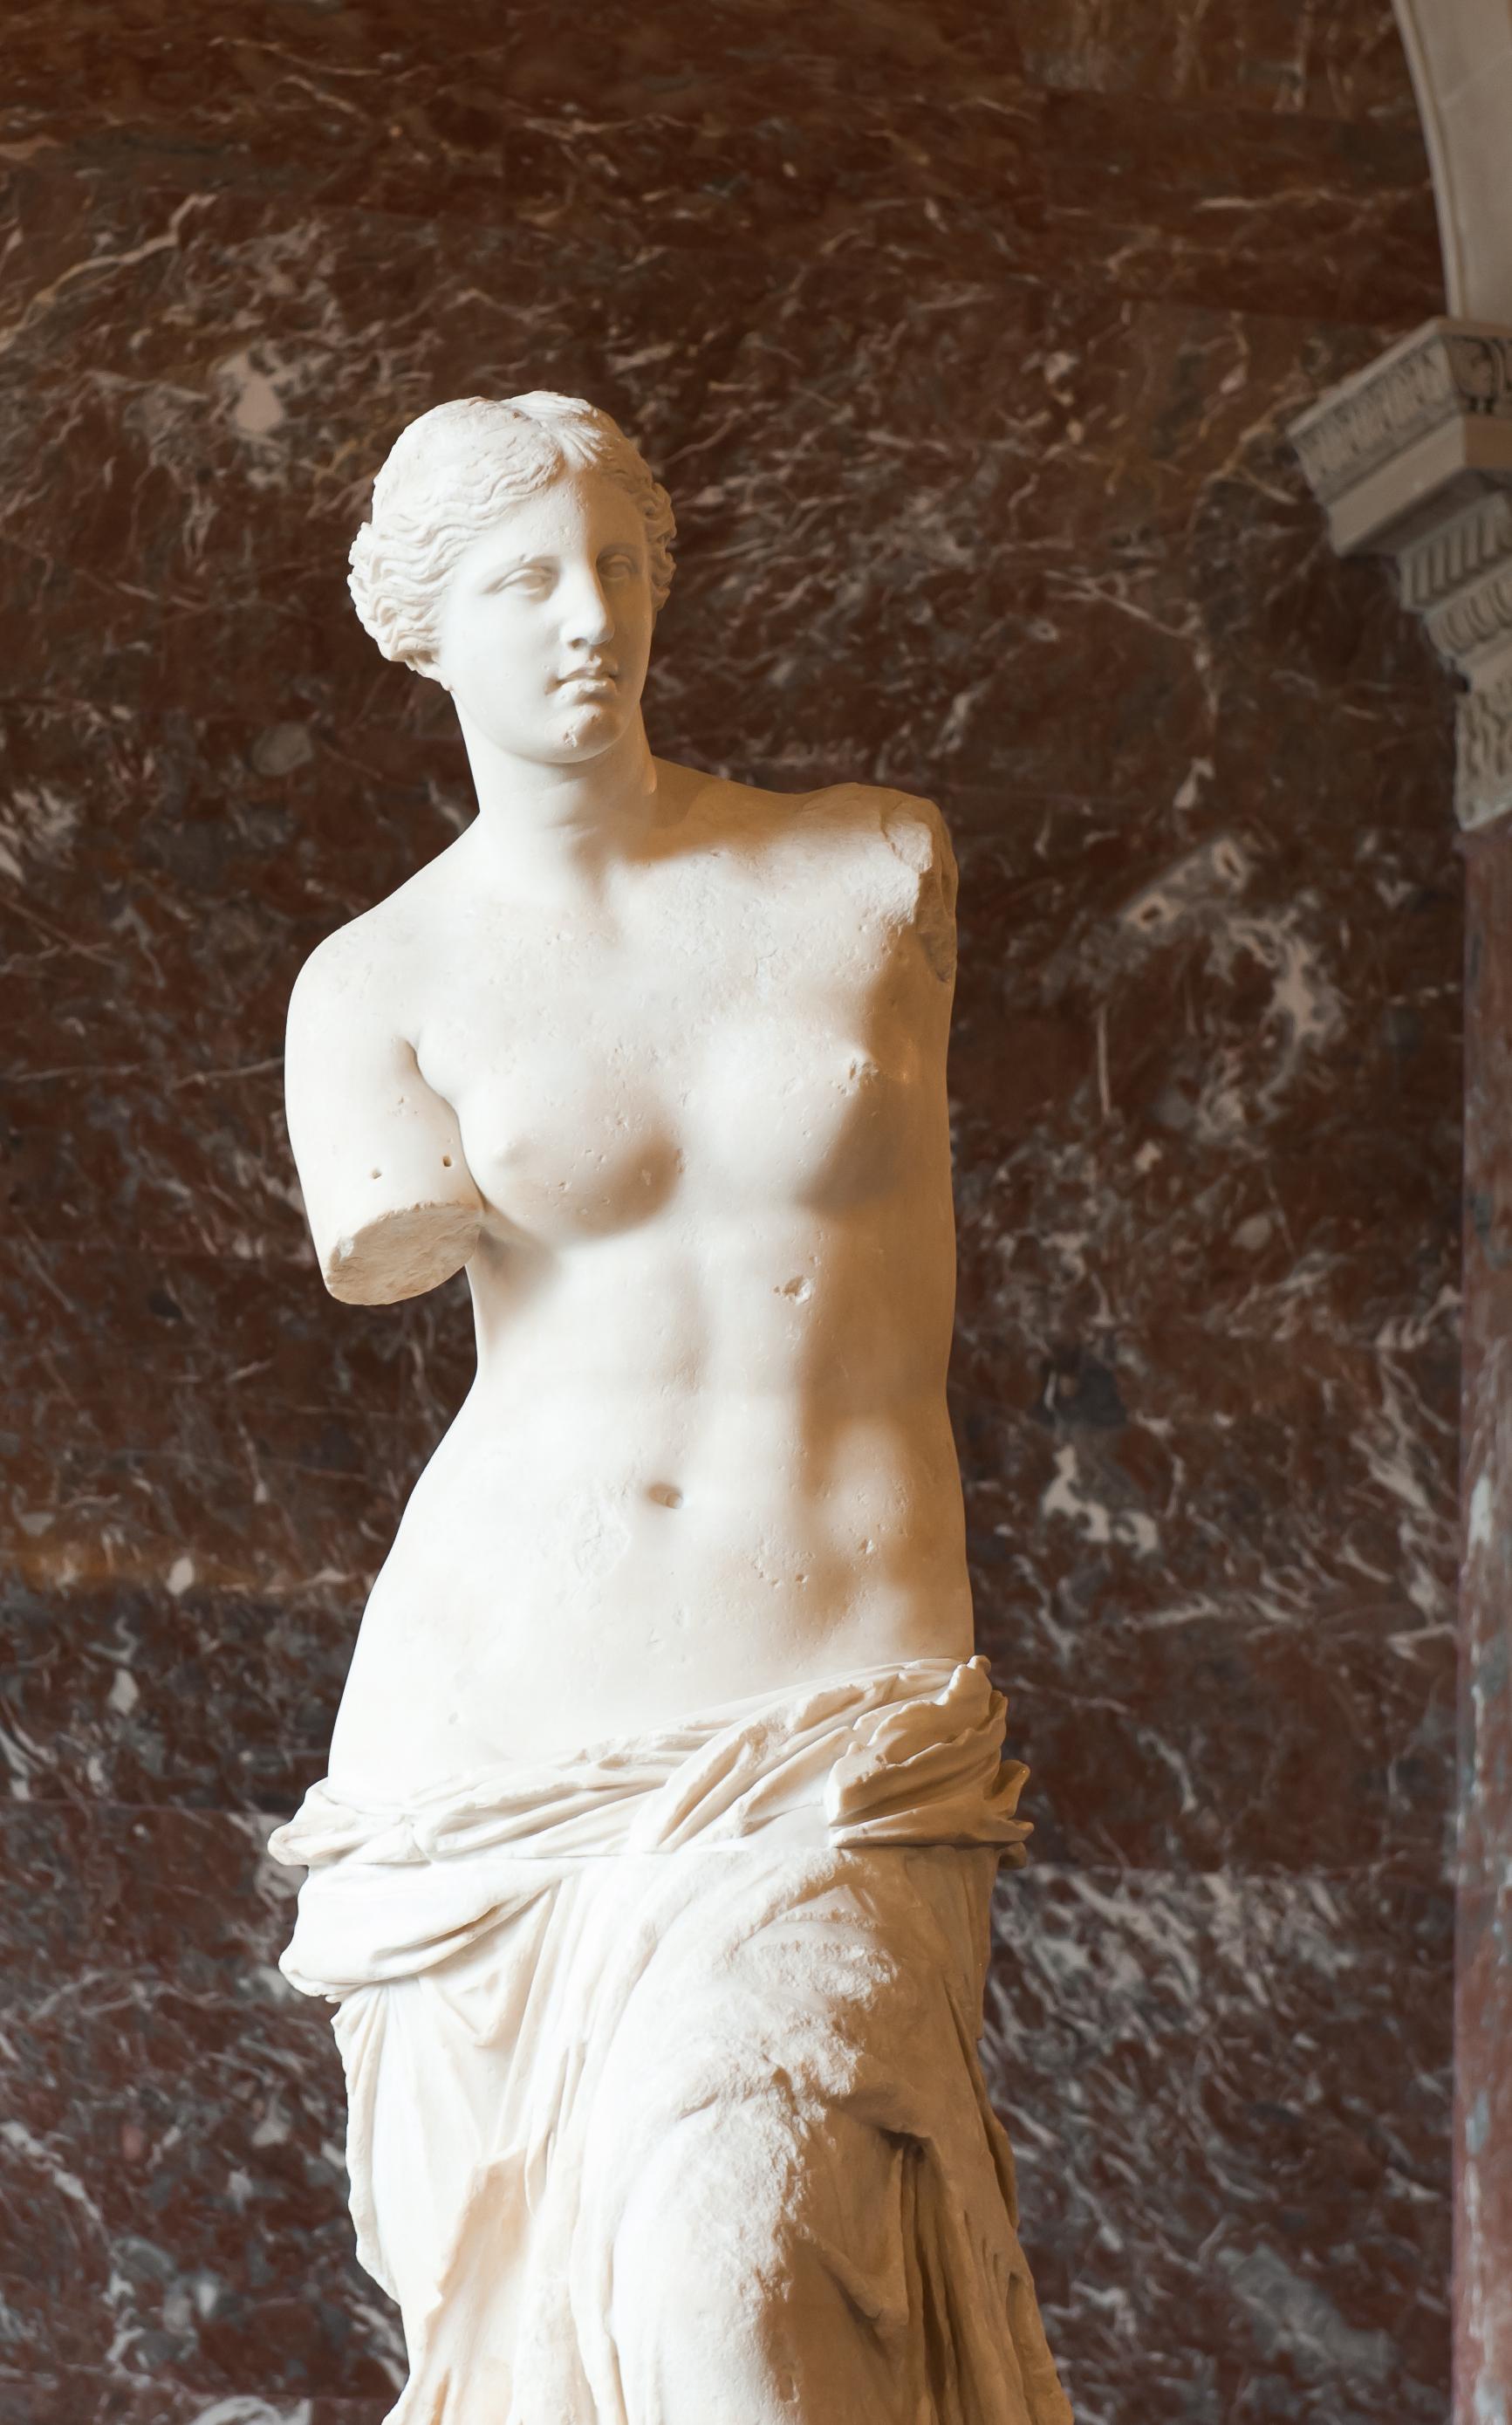 Venus Milo (Bauch) shutterstock_73348261